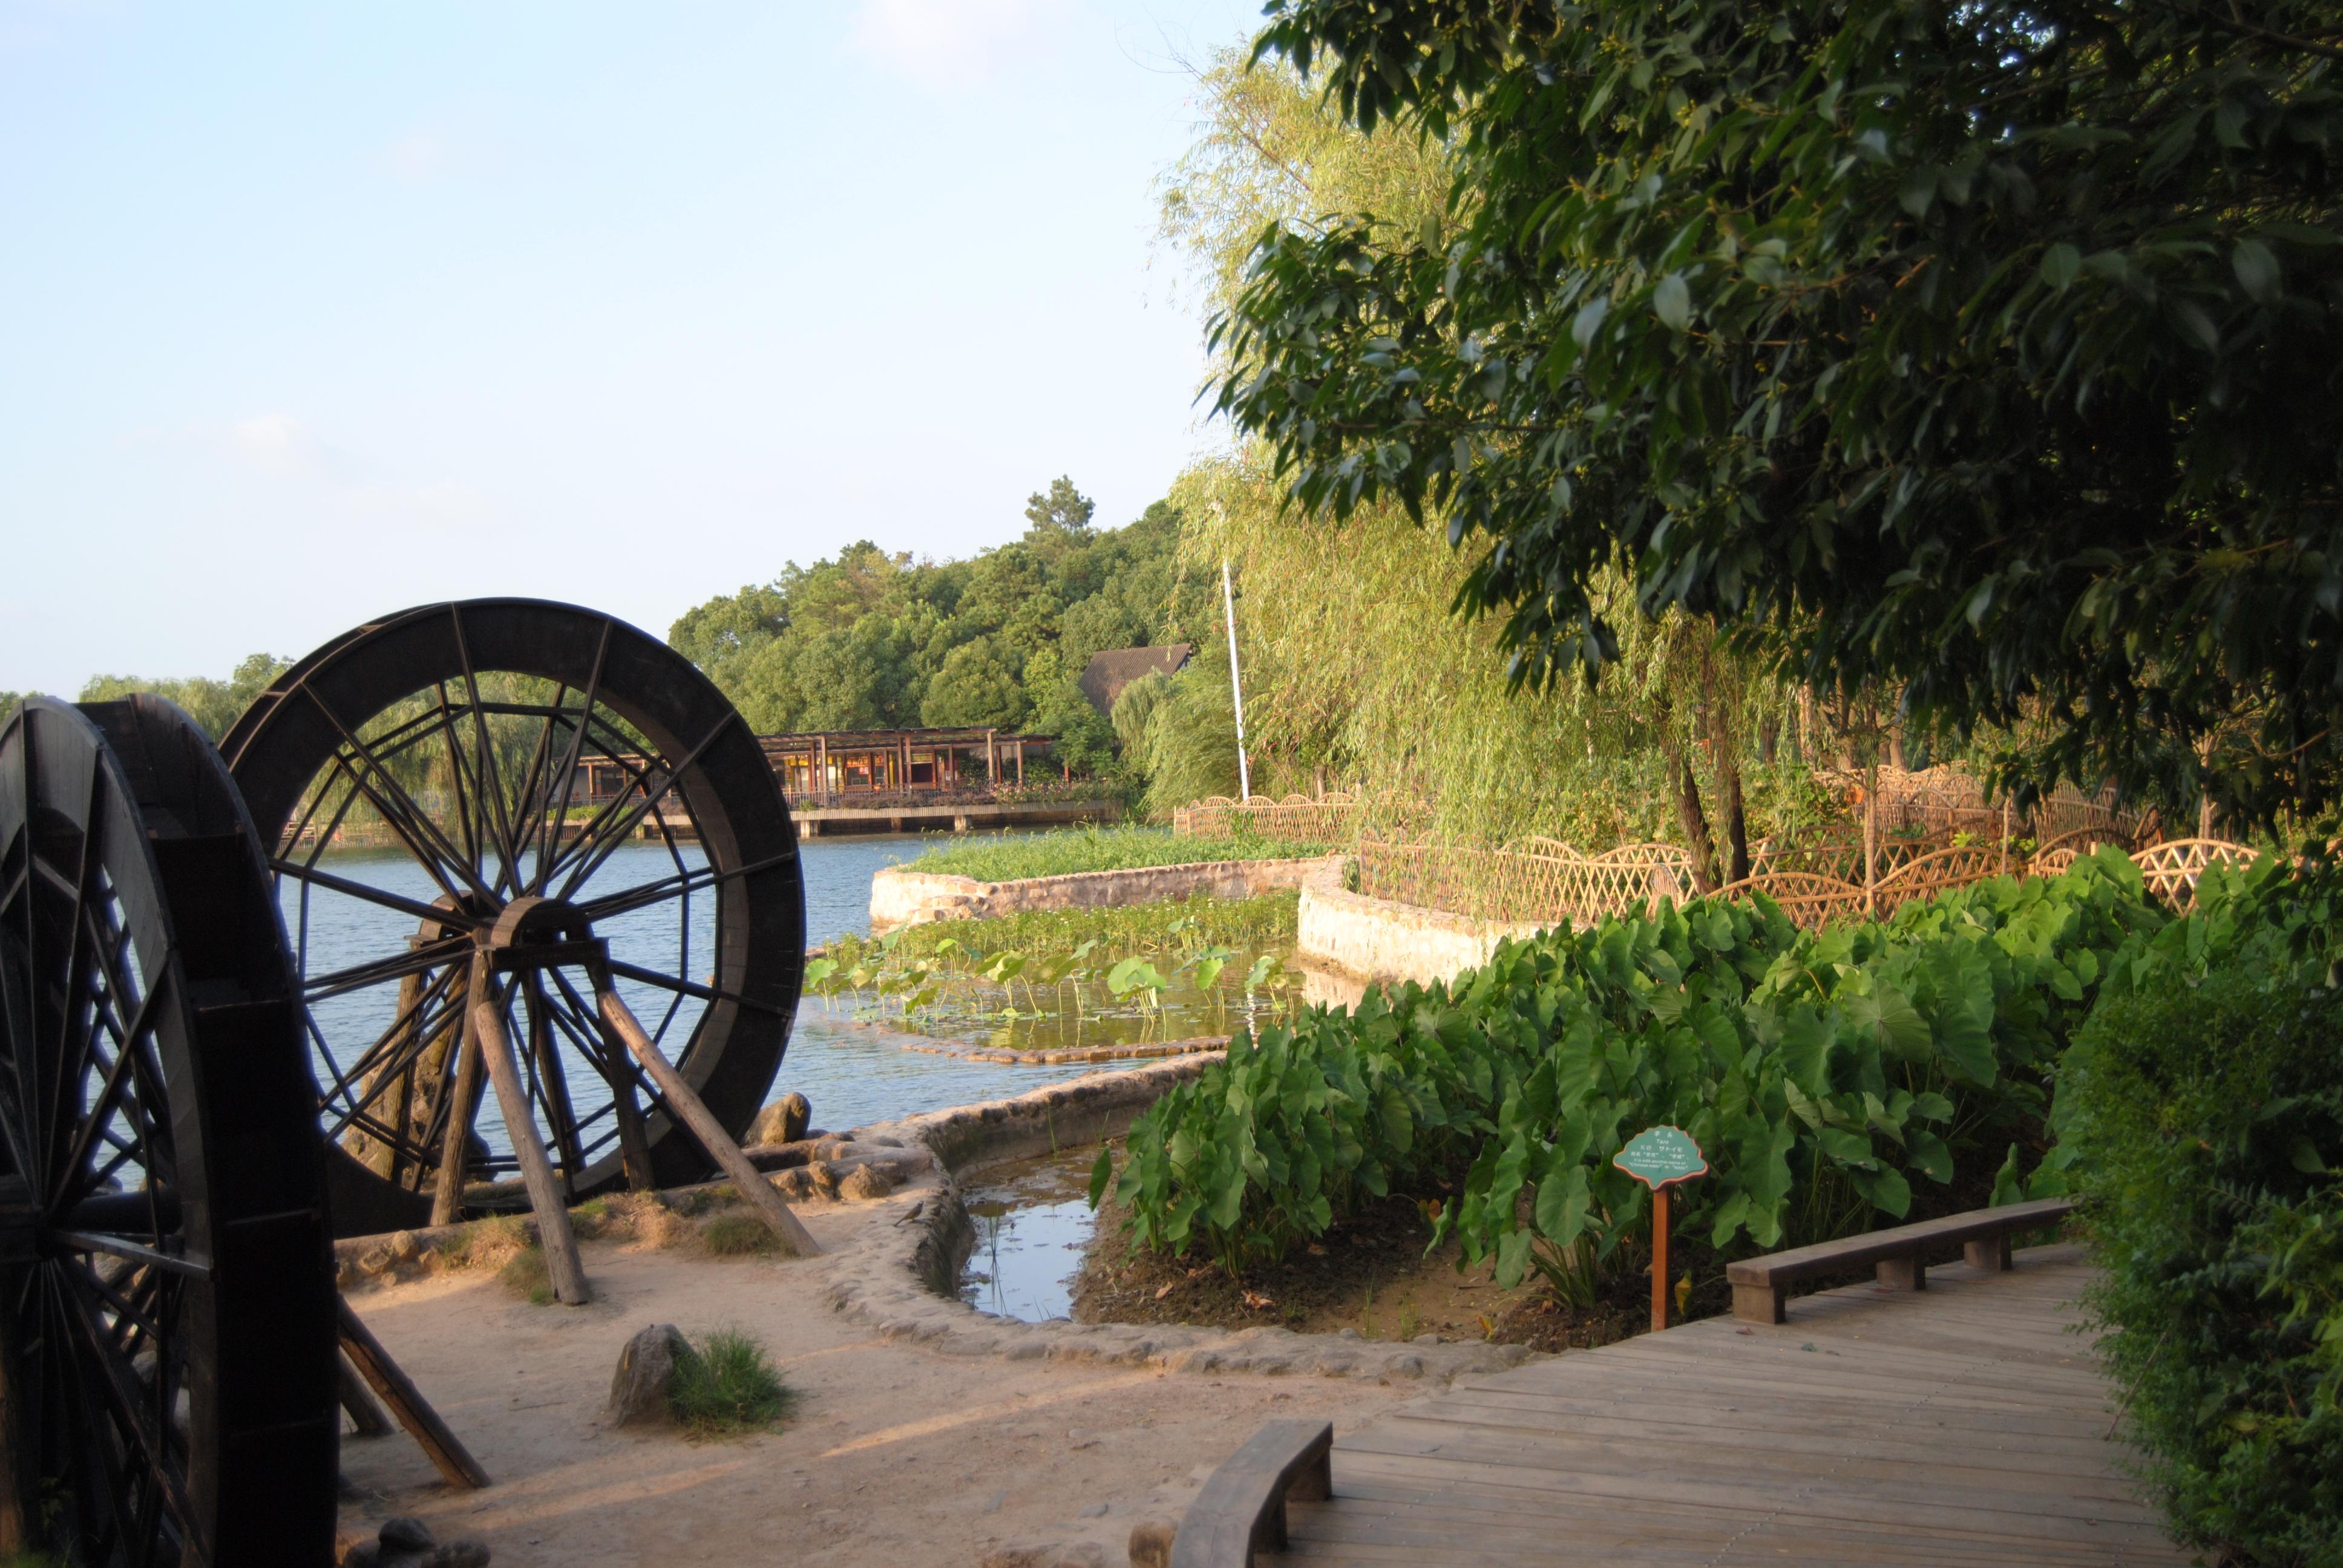 [常州二日] 张公洞-南山竹海-天目湖山水园>_苏州一